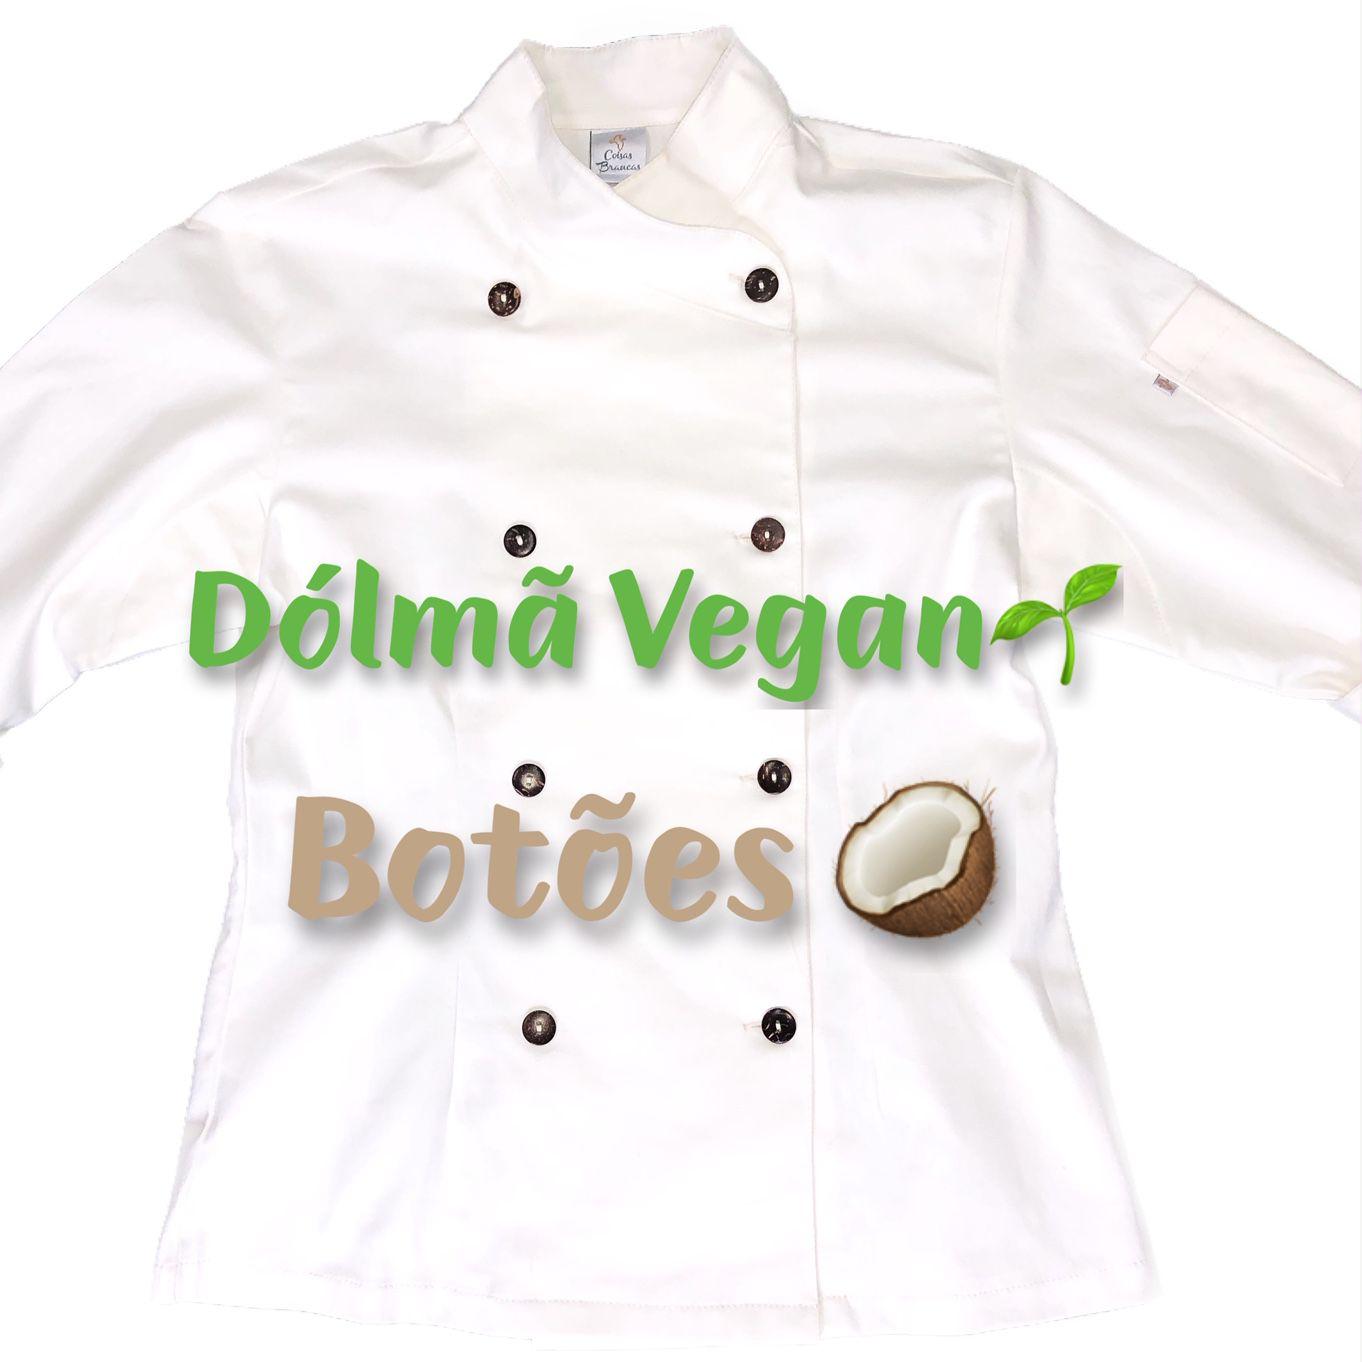 Conjunto Dólmã Cecília Feminino Acinturado VEGANA e botões COCO Sarja Leve 100% algodão + Calça CINZA ANATOMYS ALGODÃO CORDÃO BRANCO